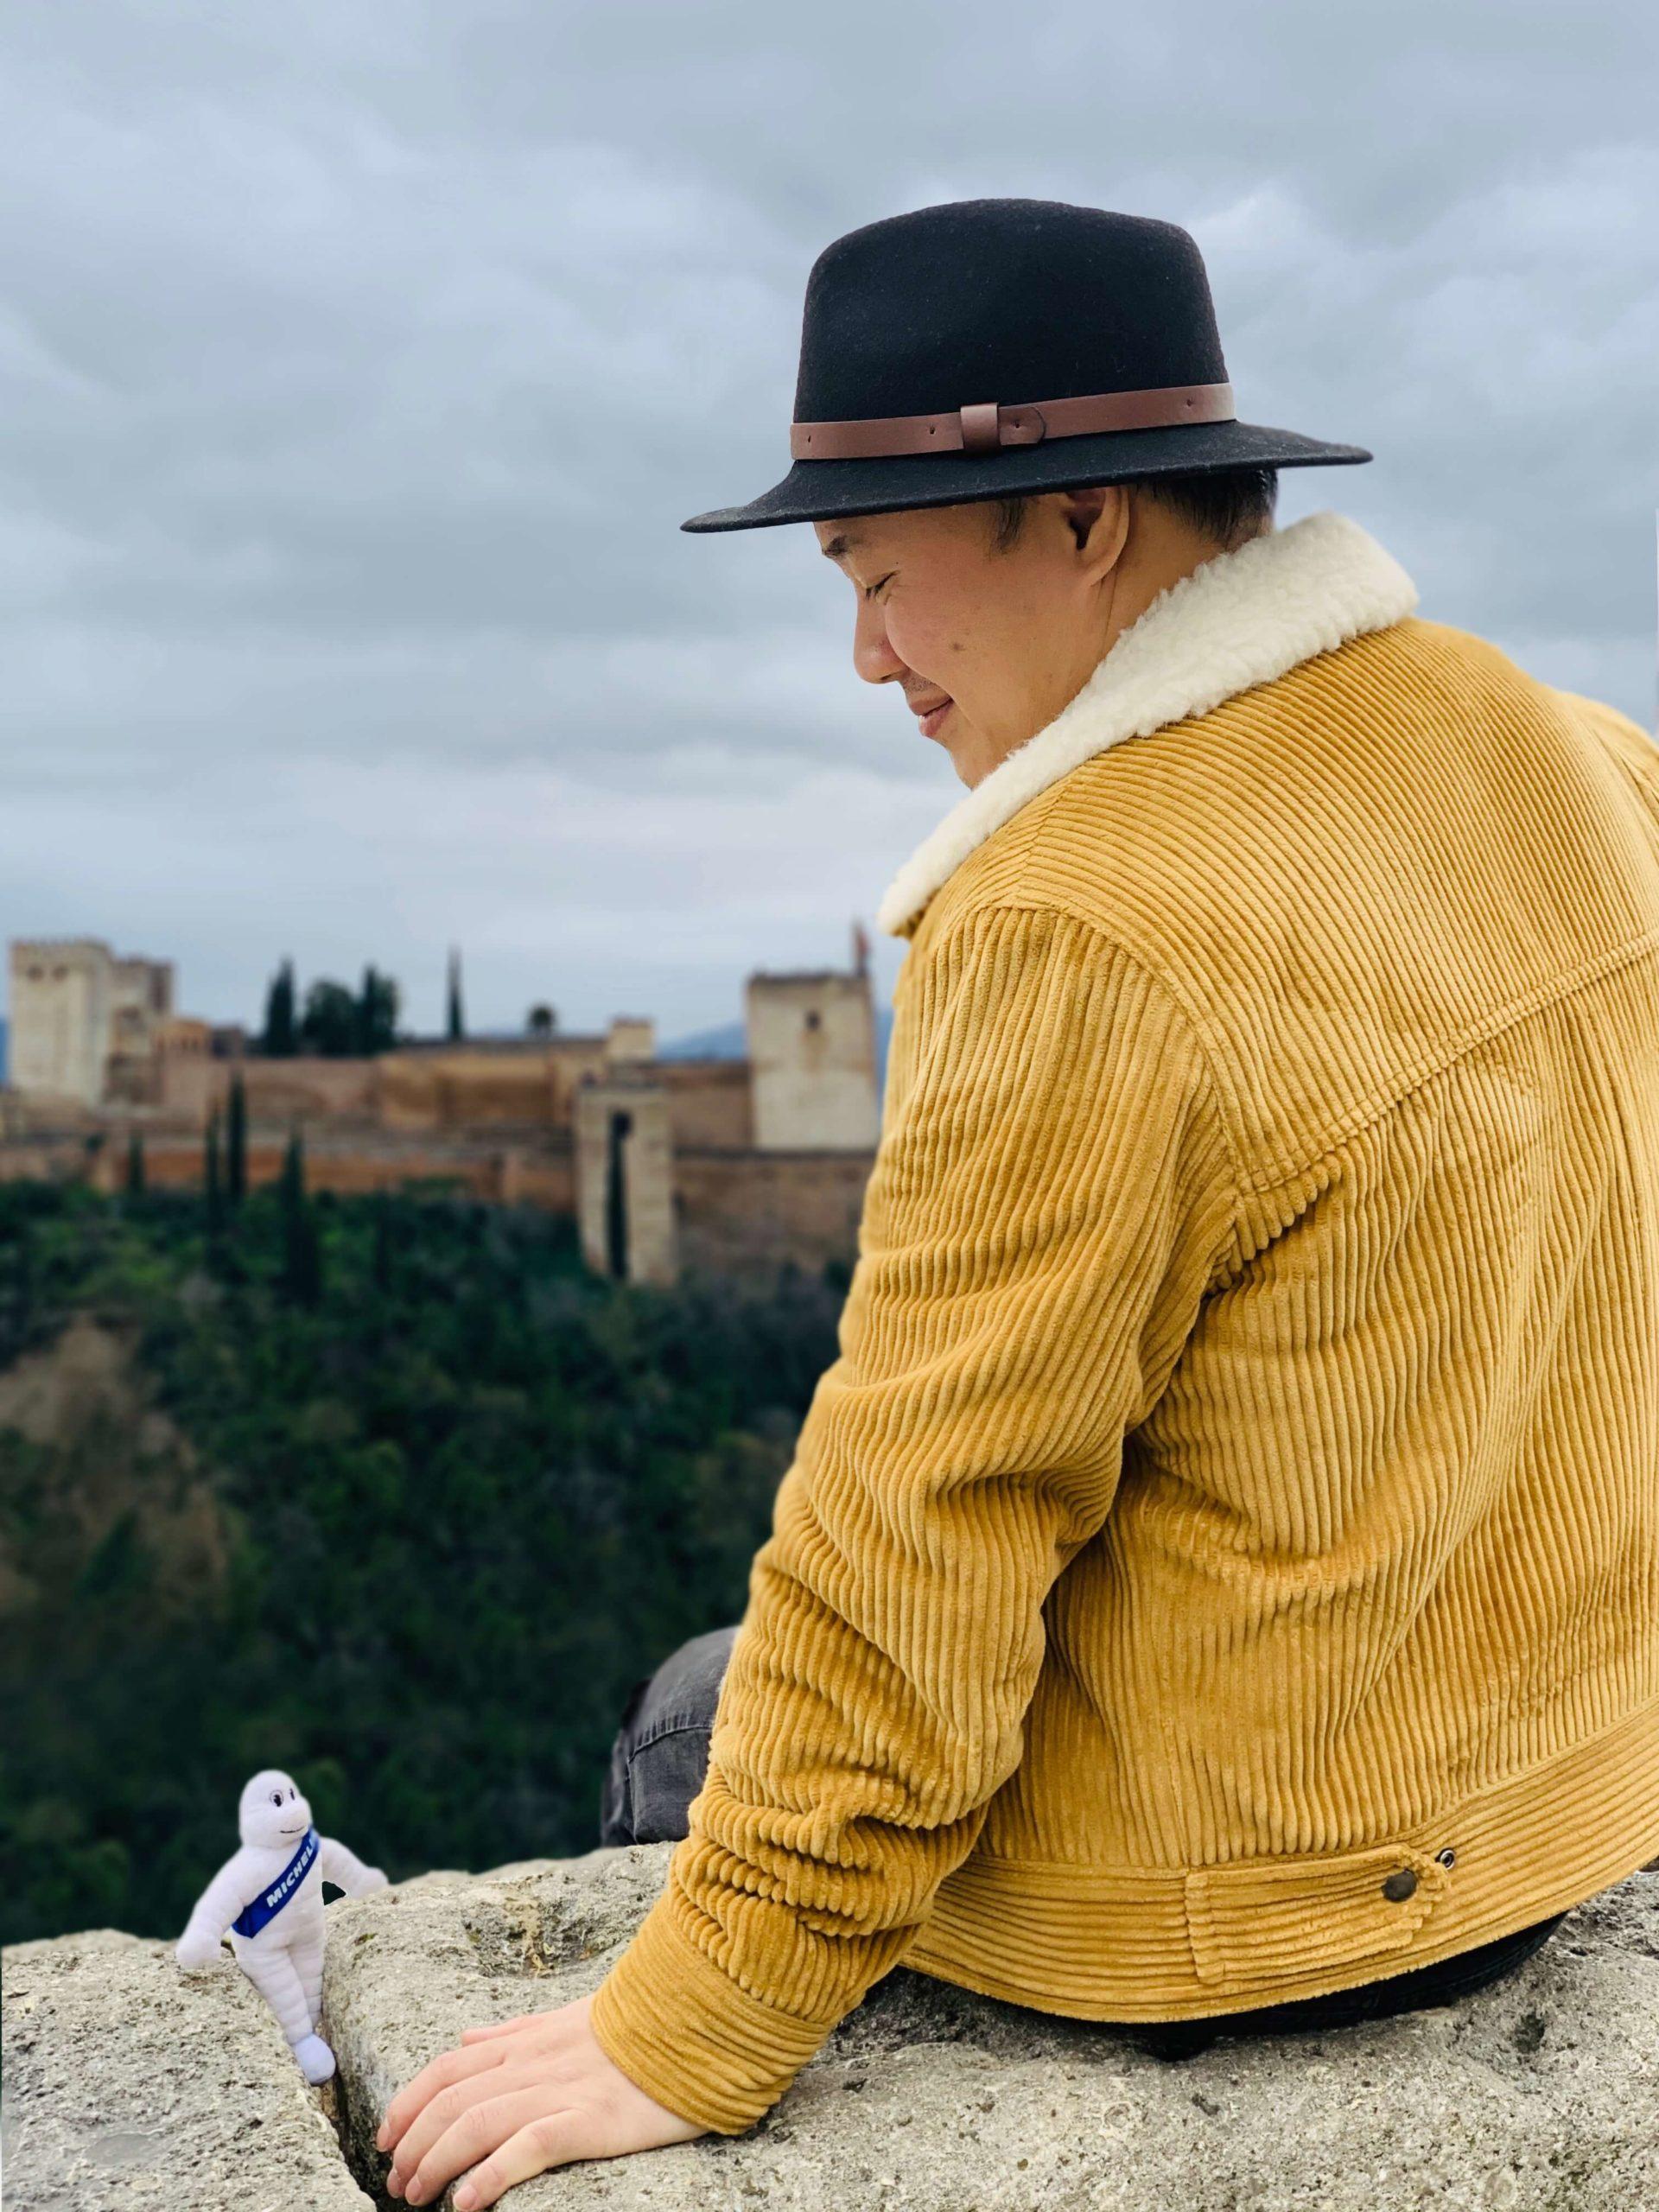 Bibendum Tour - Hoang face à la vue panoramique de l'Alhambra